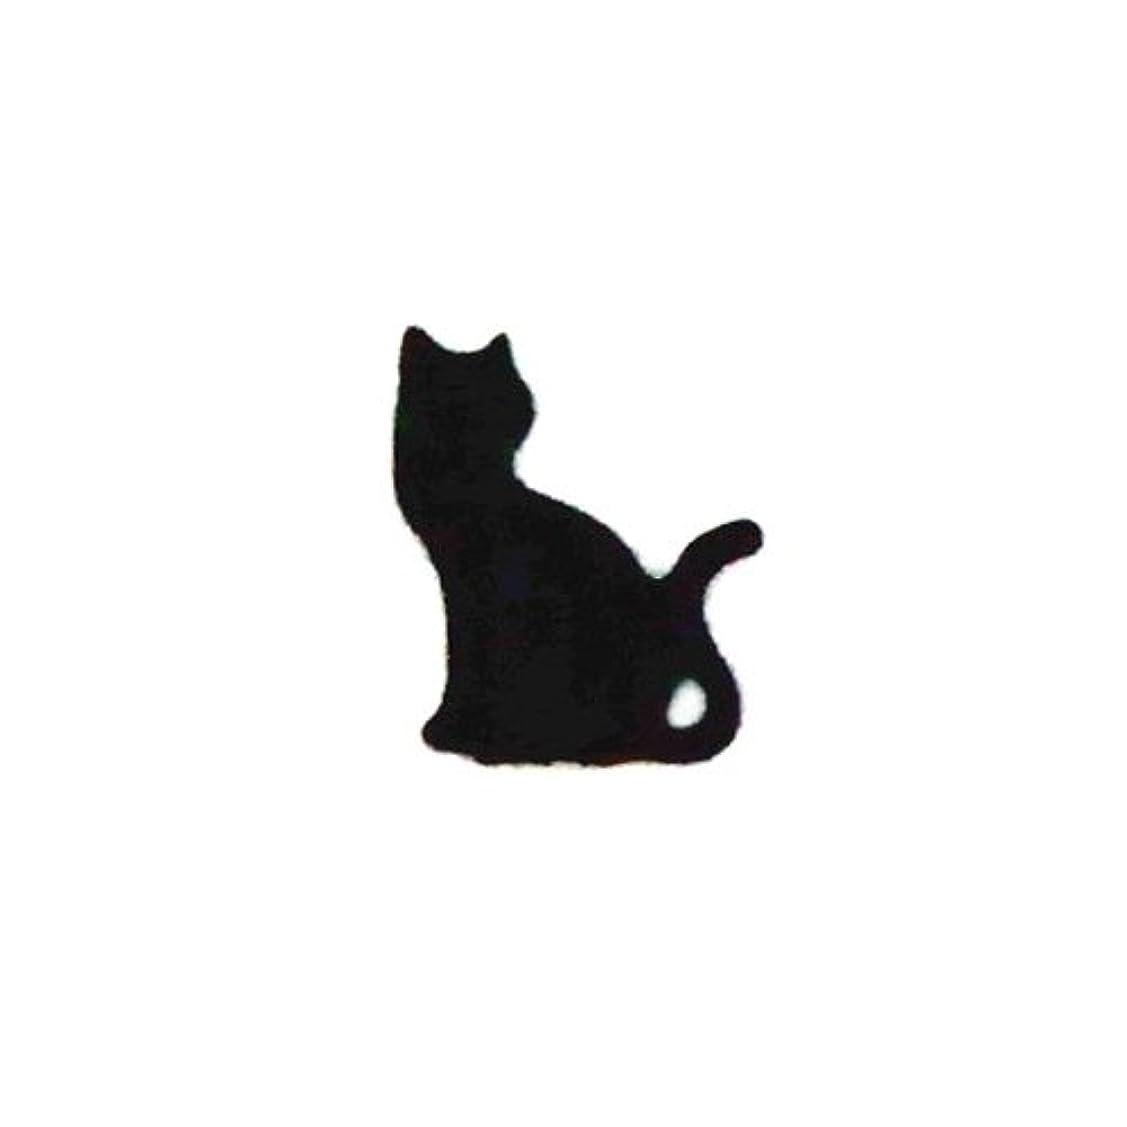 幾何学担当者ウイルスリトルプリティー ネイルアートパーツ 猫3 ブラック 10個